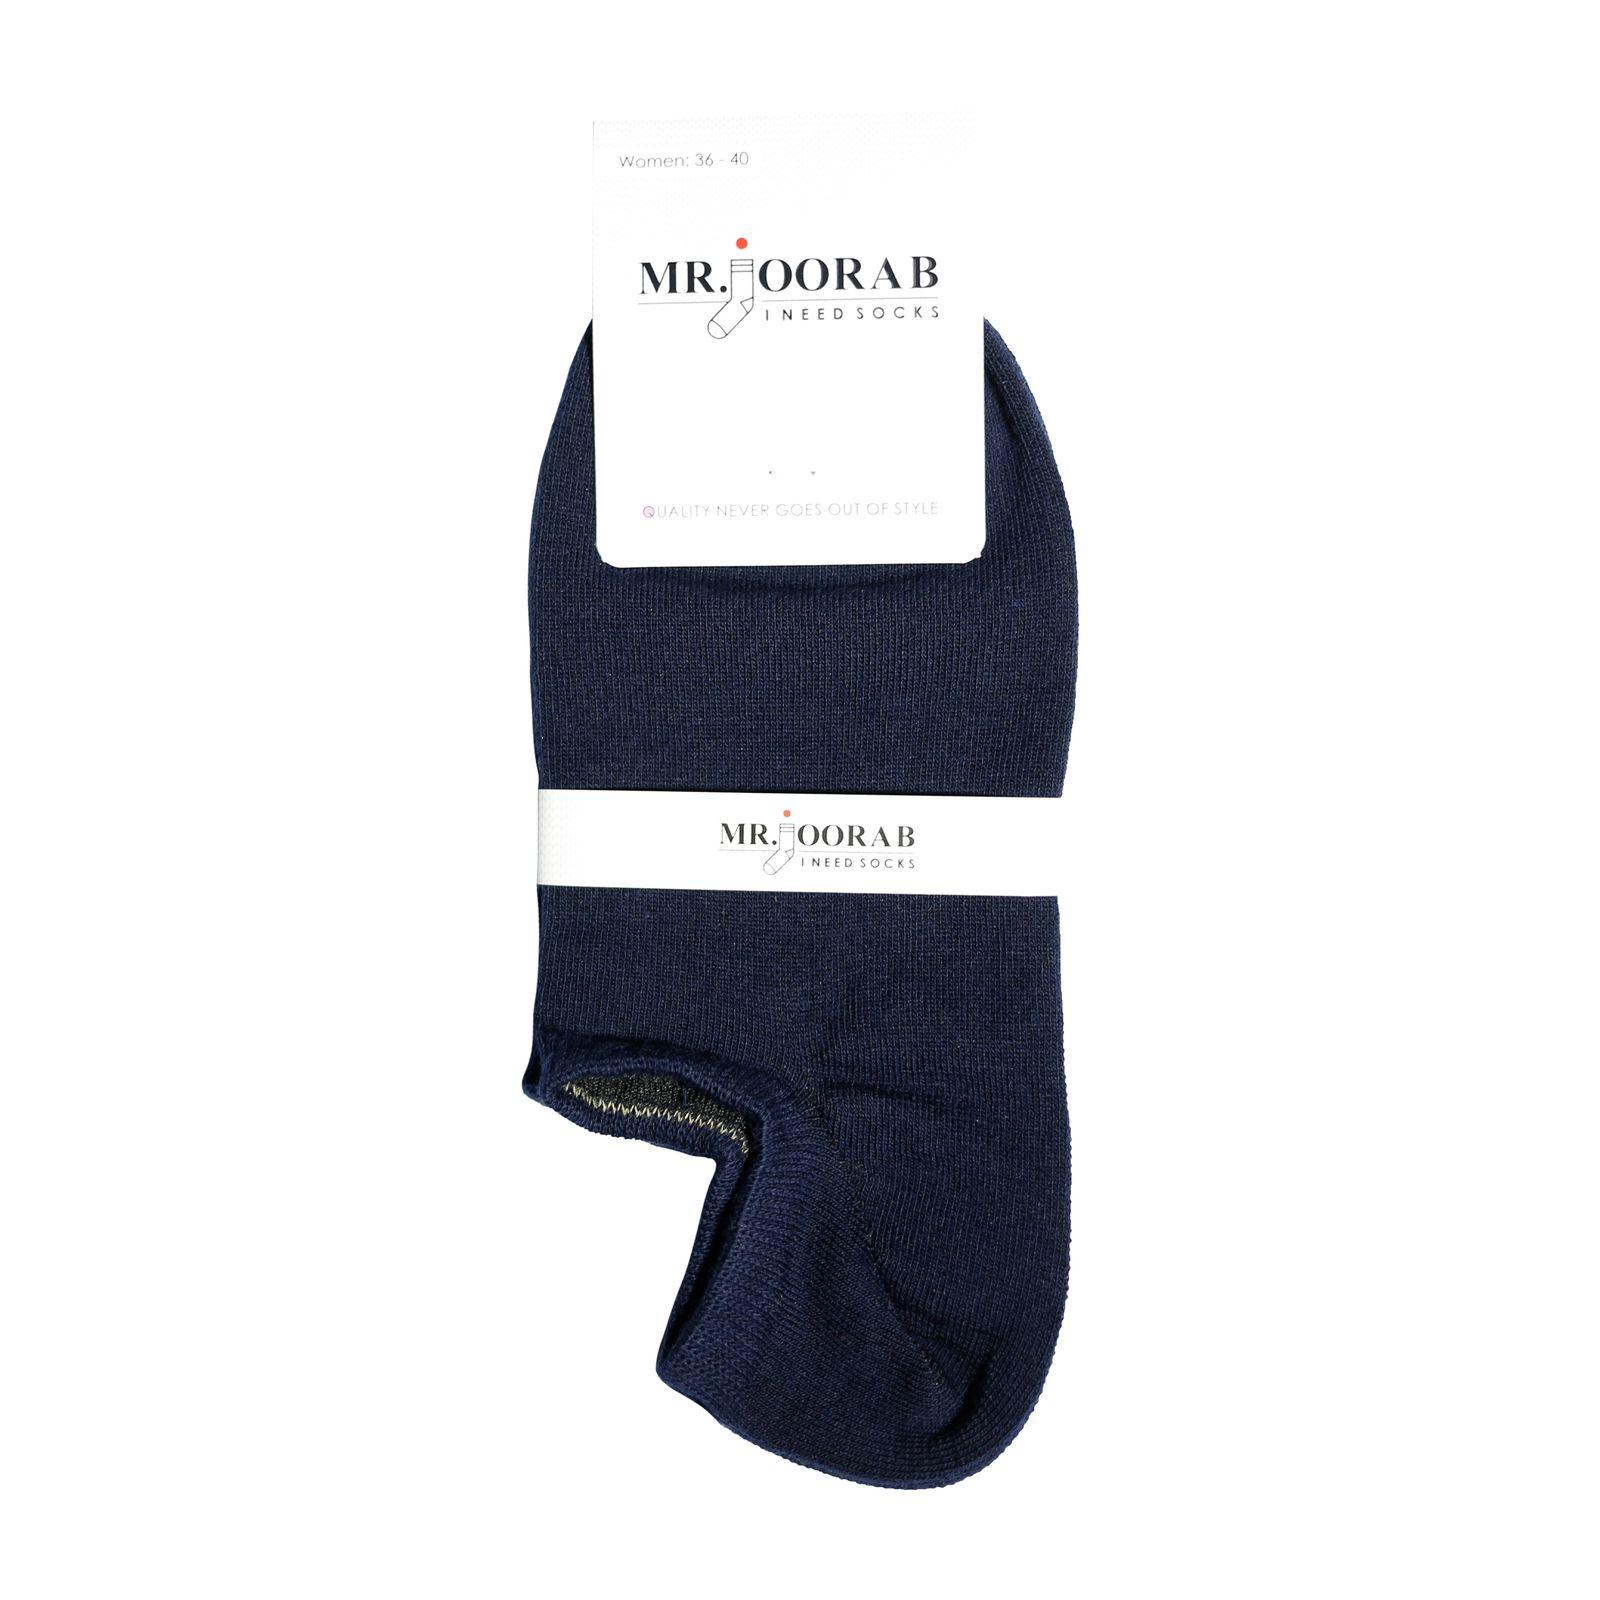 جوراب زنانه مستر جوراب کد BL-MRM 201 -  - 3